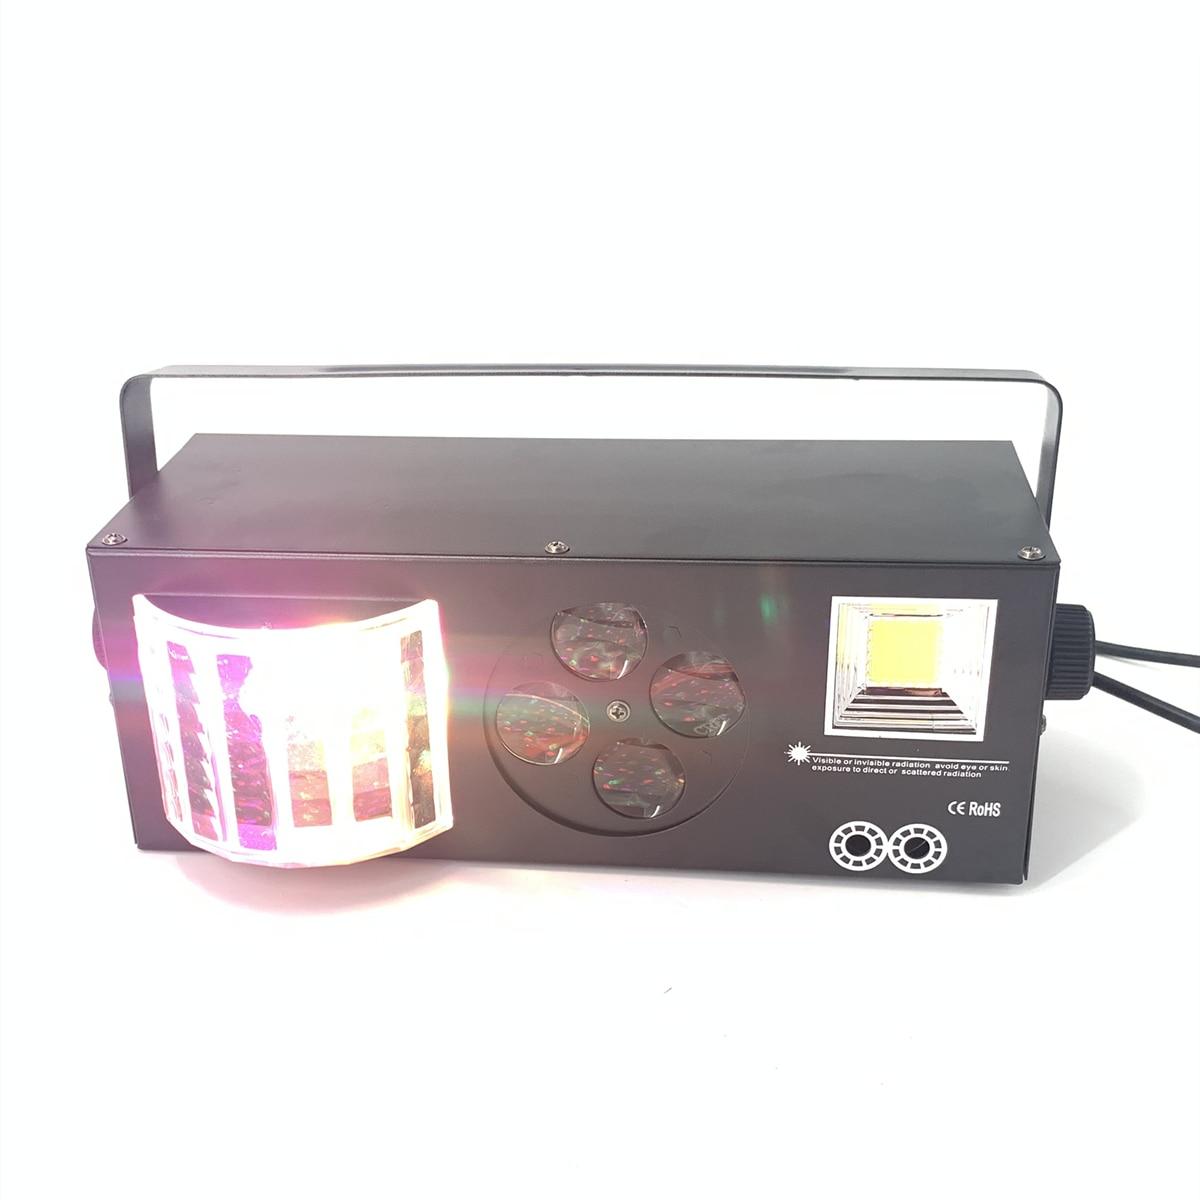 Luces de escenario LED DJ Disco luz 60W LED Gobo + estroboscópico LED + láser + LED mariposa efecto 4in1 luz para KTV Disco DJ fiesta luz Show